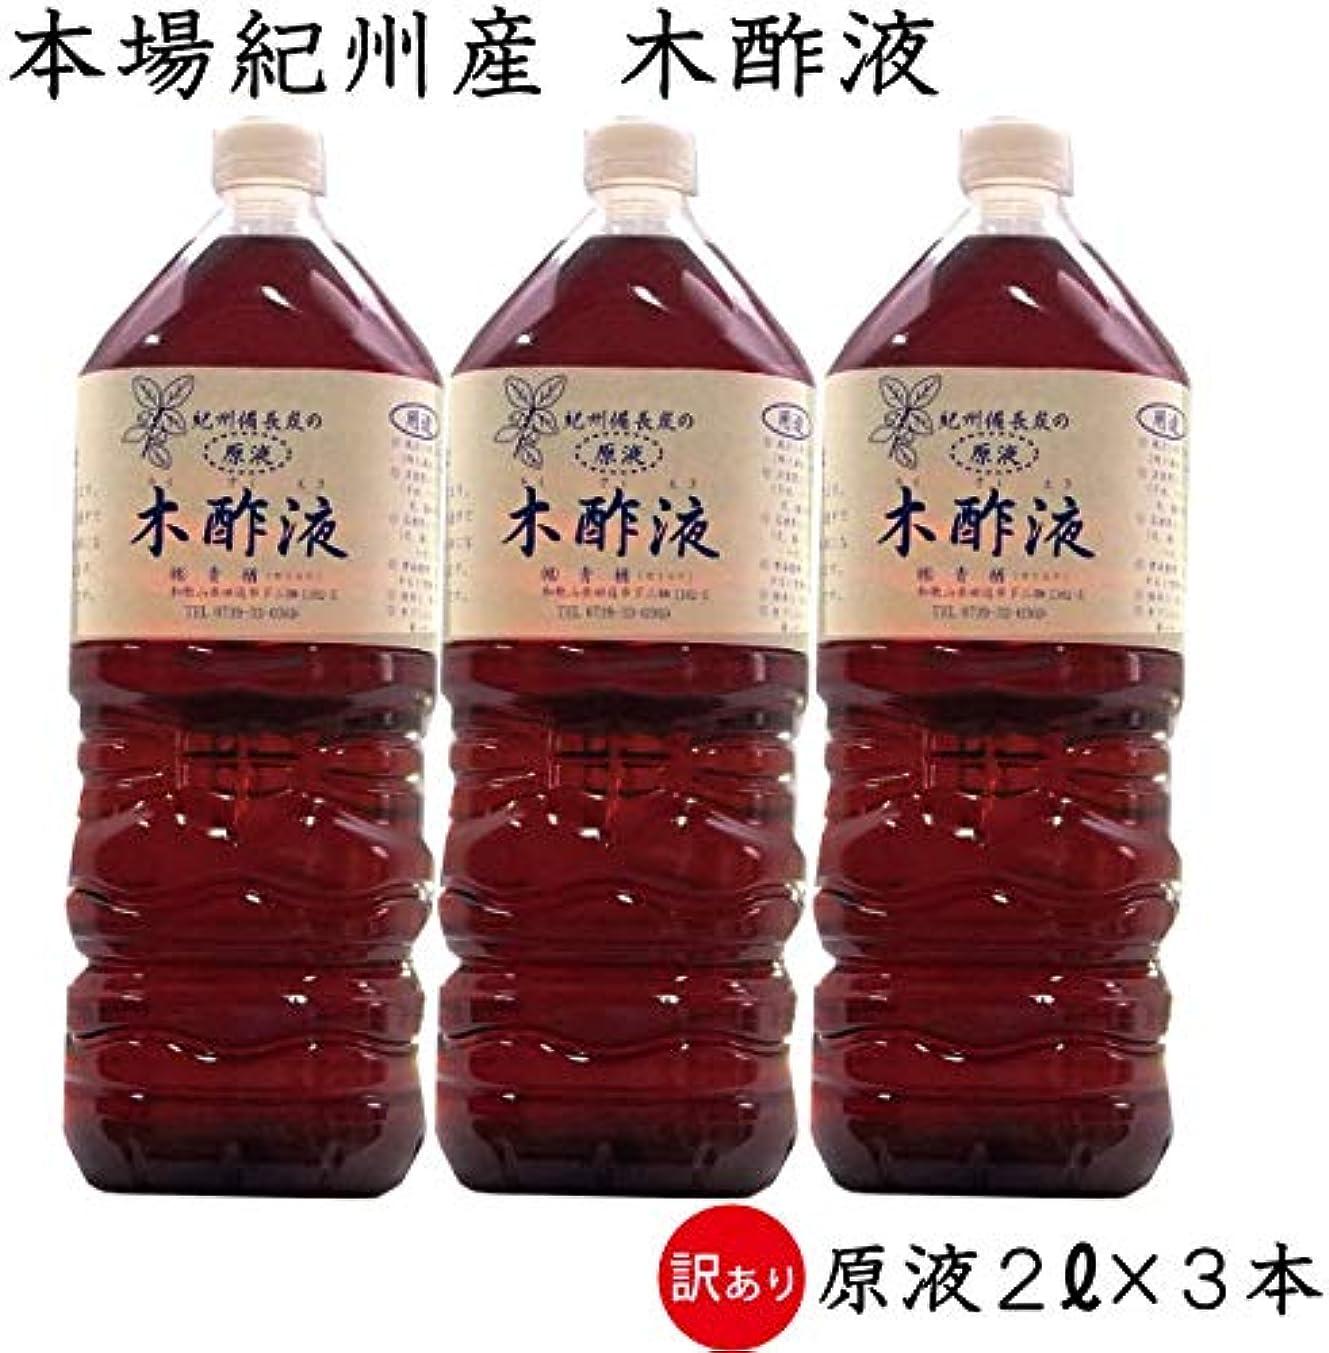 規範ガイドフライト木酢液 2L×3本 お得 リユース品 紀州備長炭 原液 本場 入浴 お風呂用